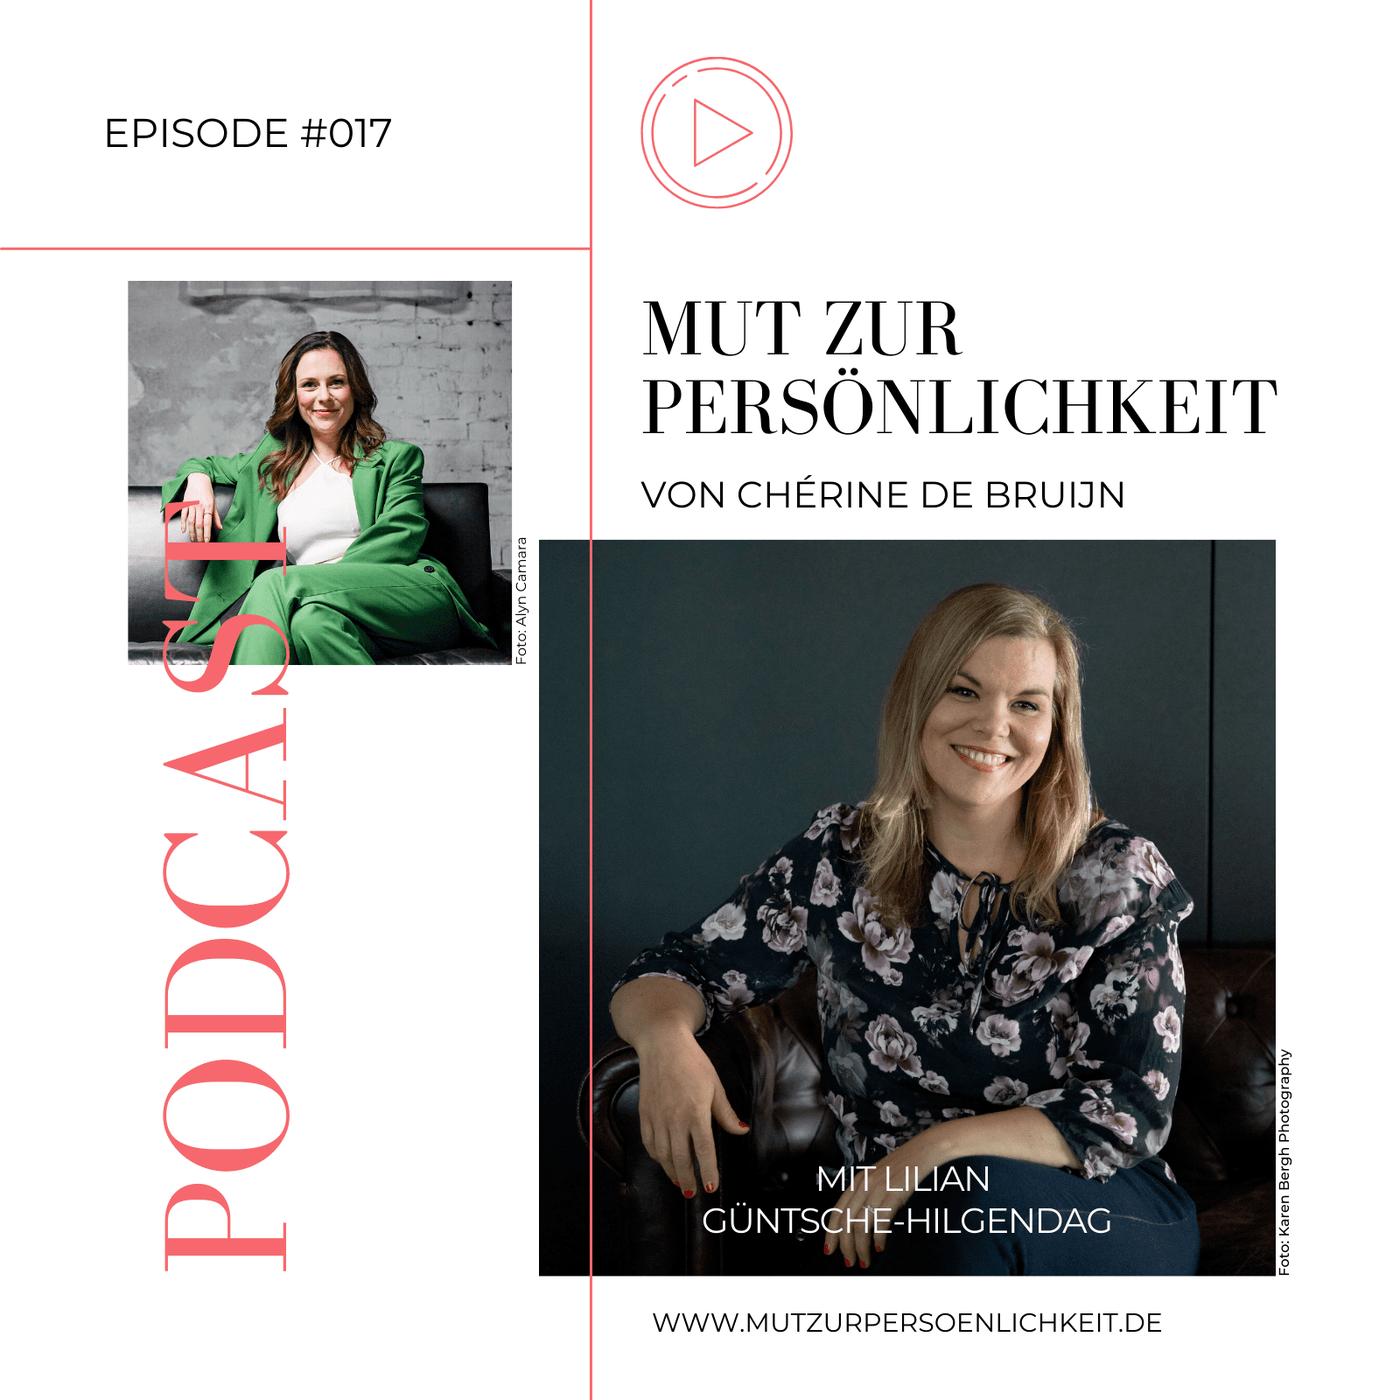 #017: Im Talk mit Lilian Güntsche-Hilgendag